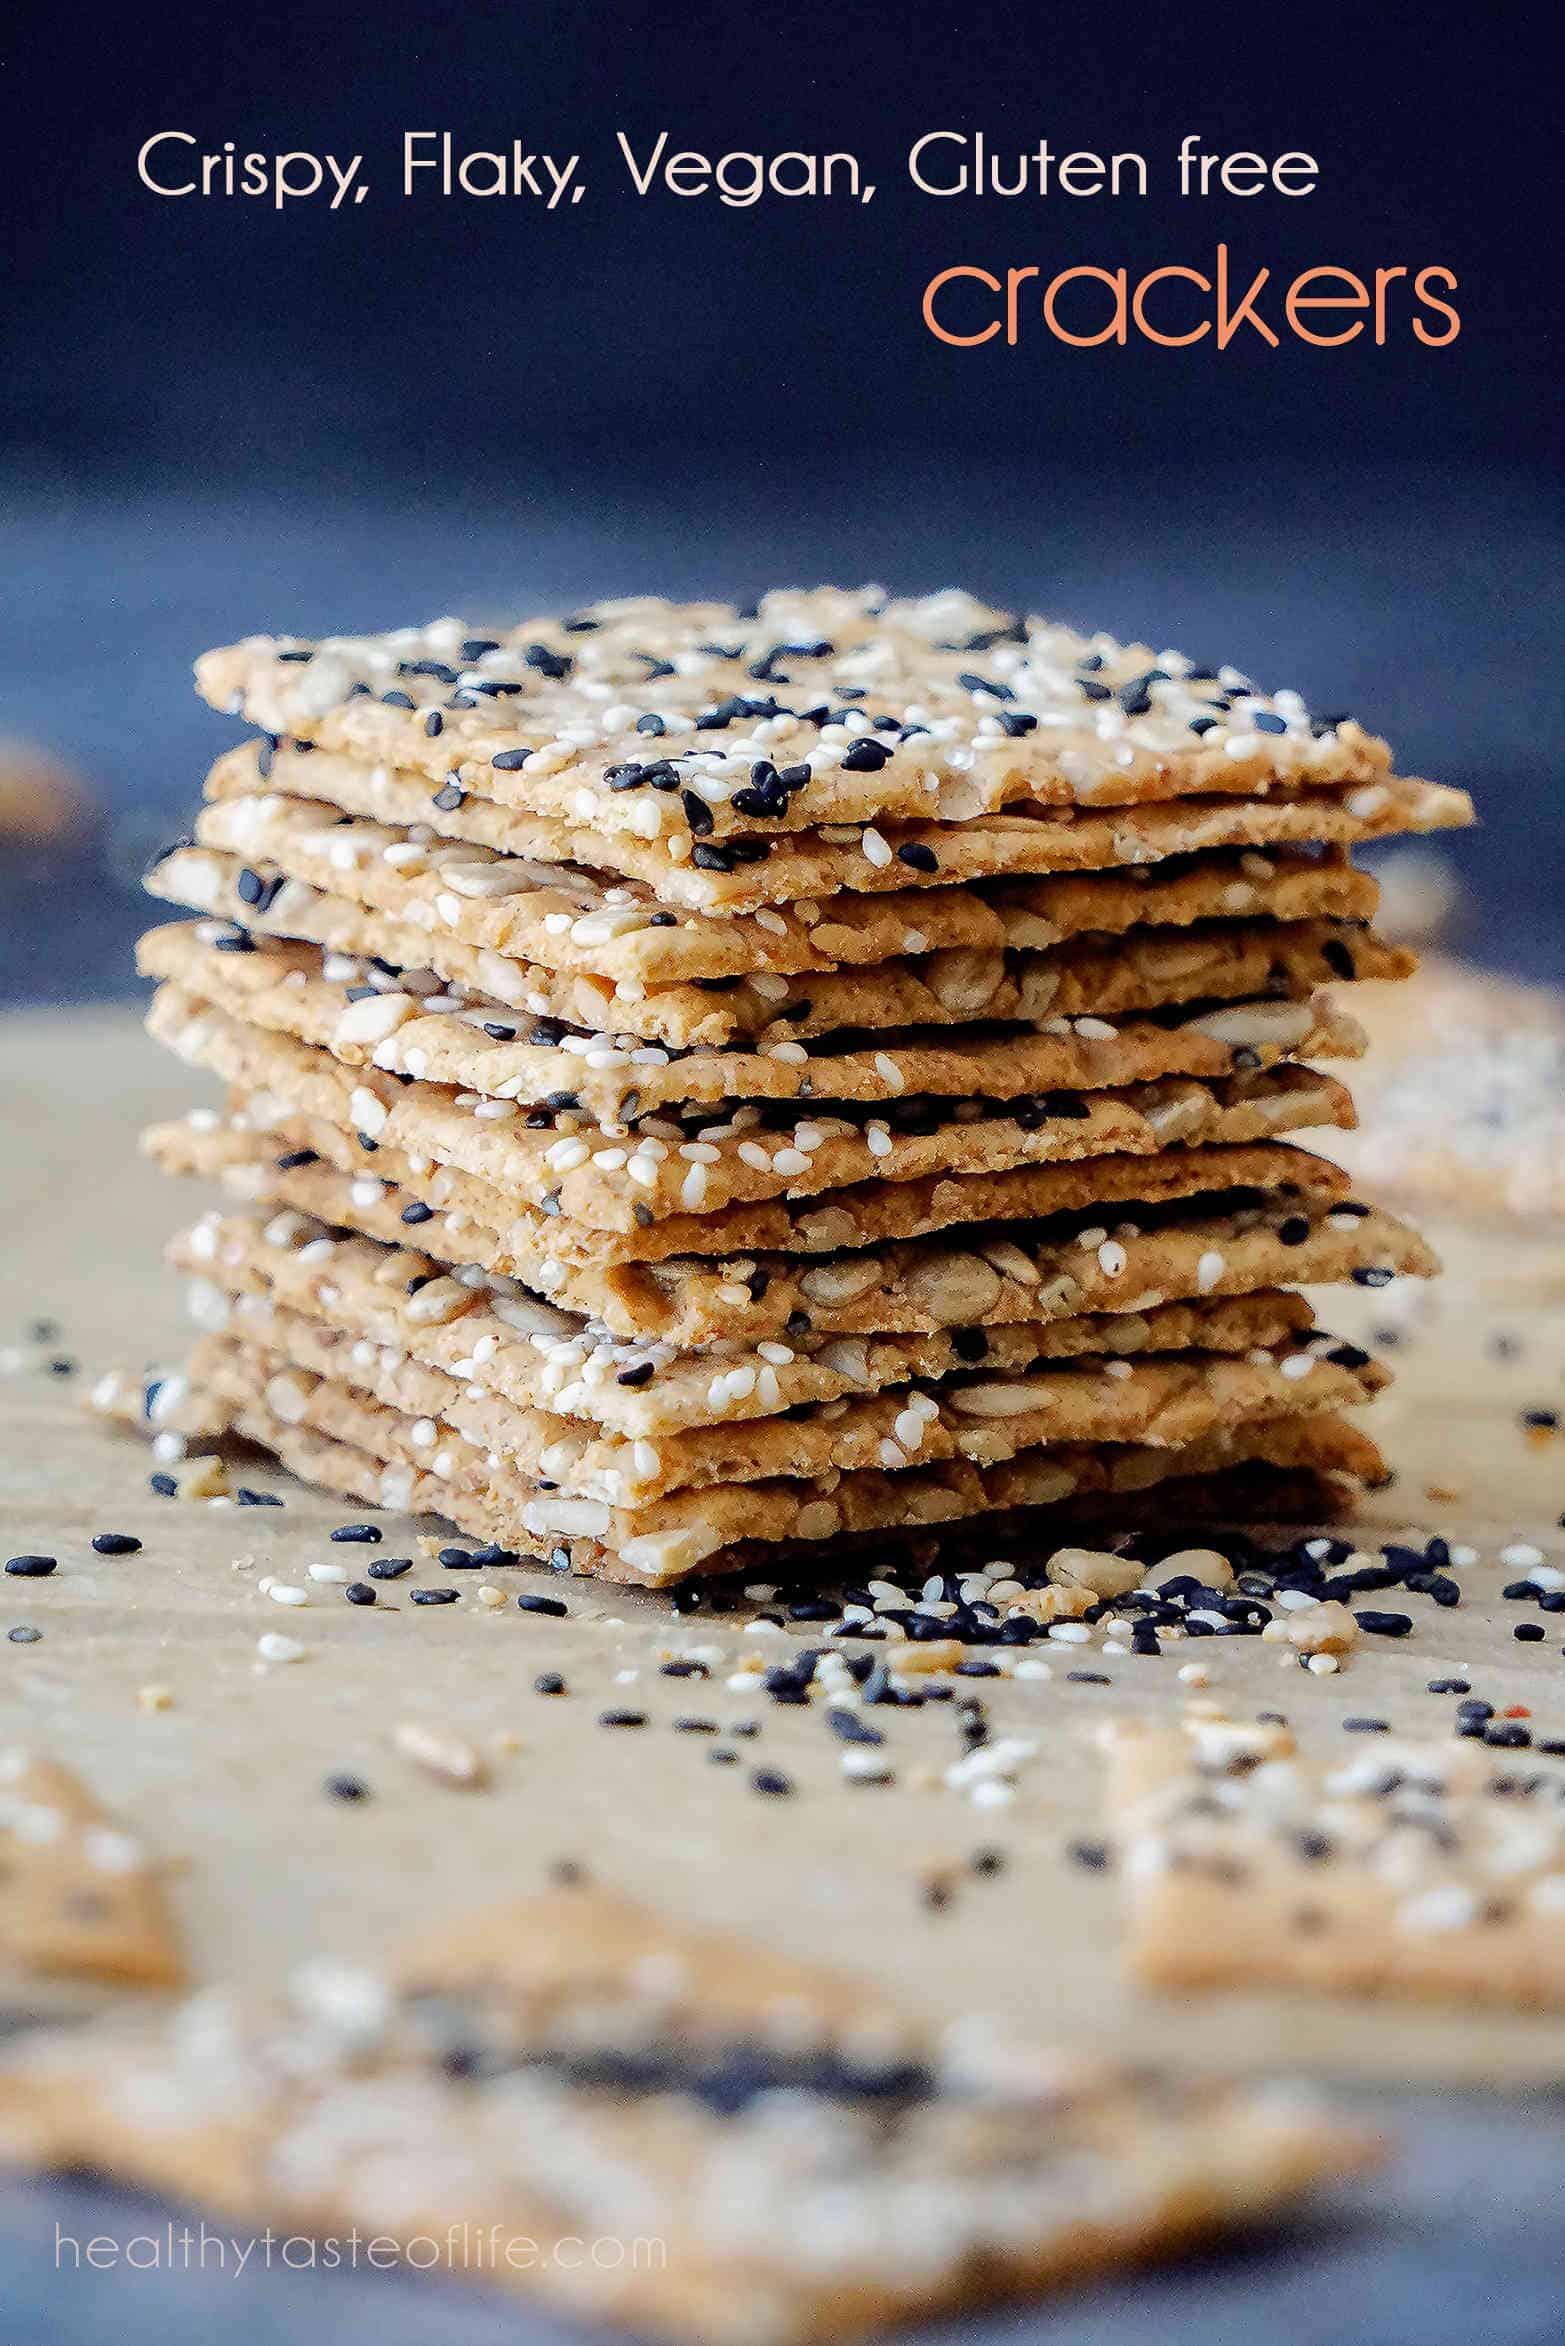 homemade gluten free crackers recipe - vegan, gluten free crackers